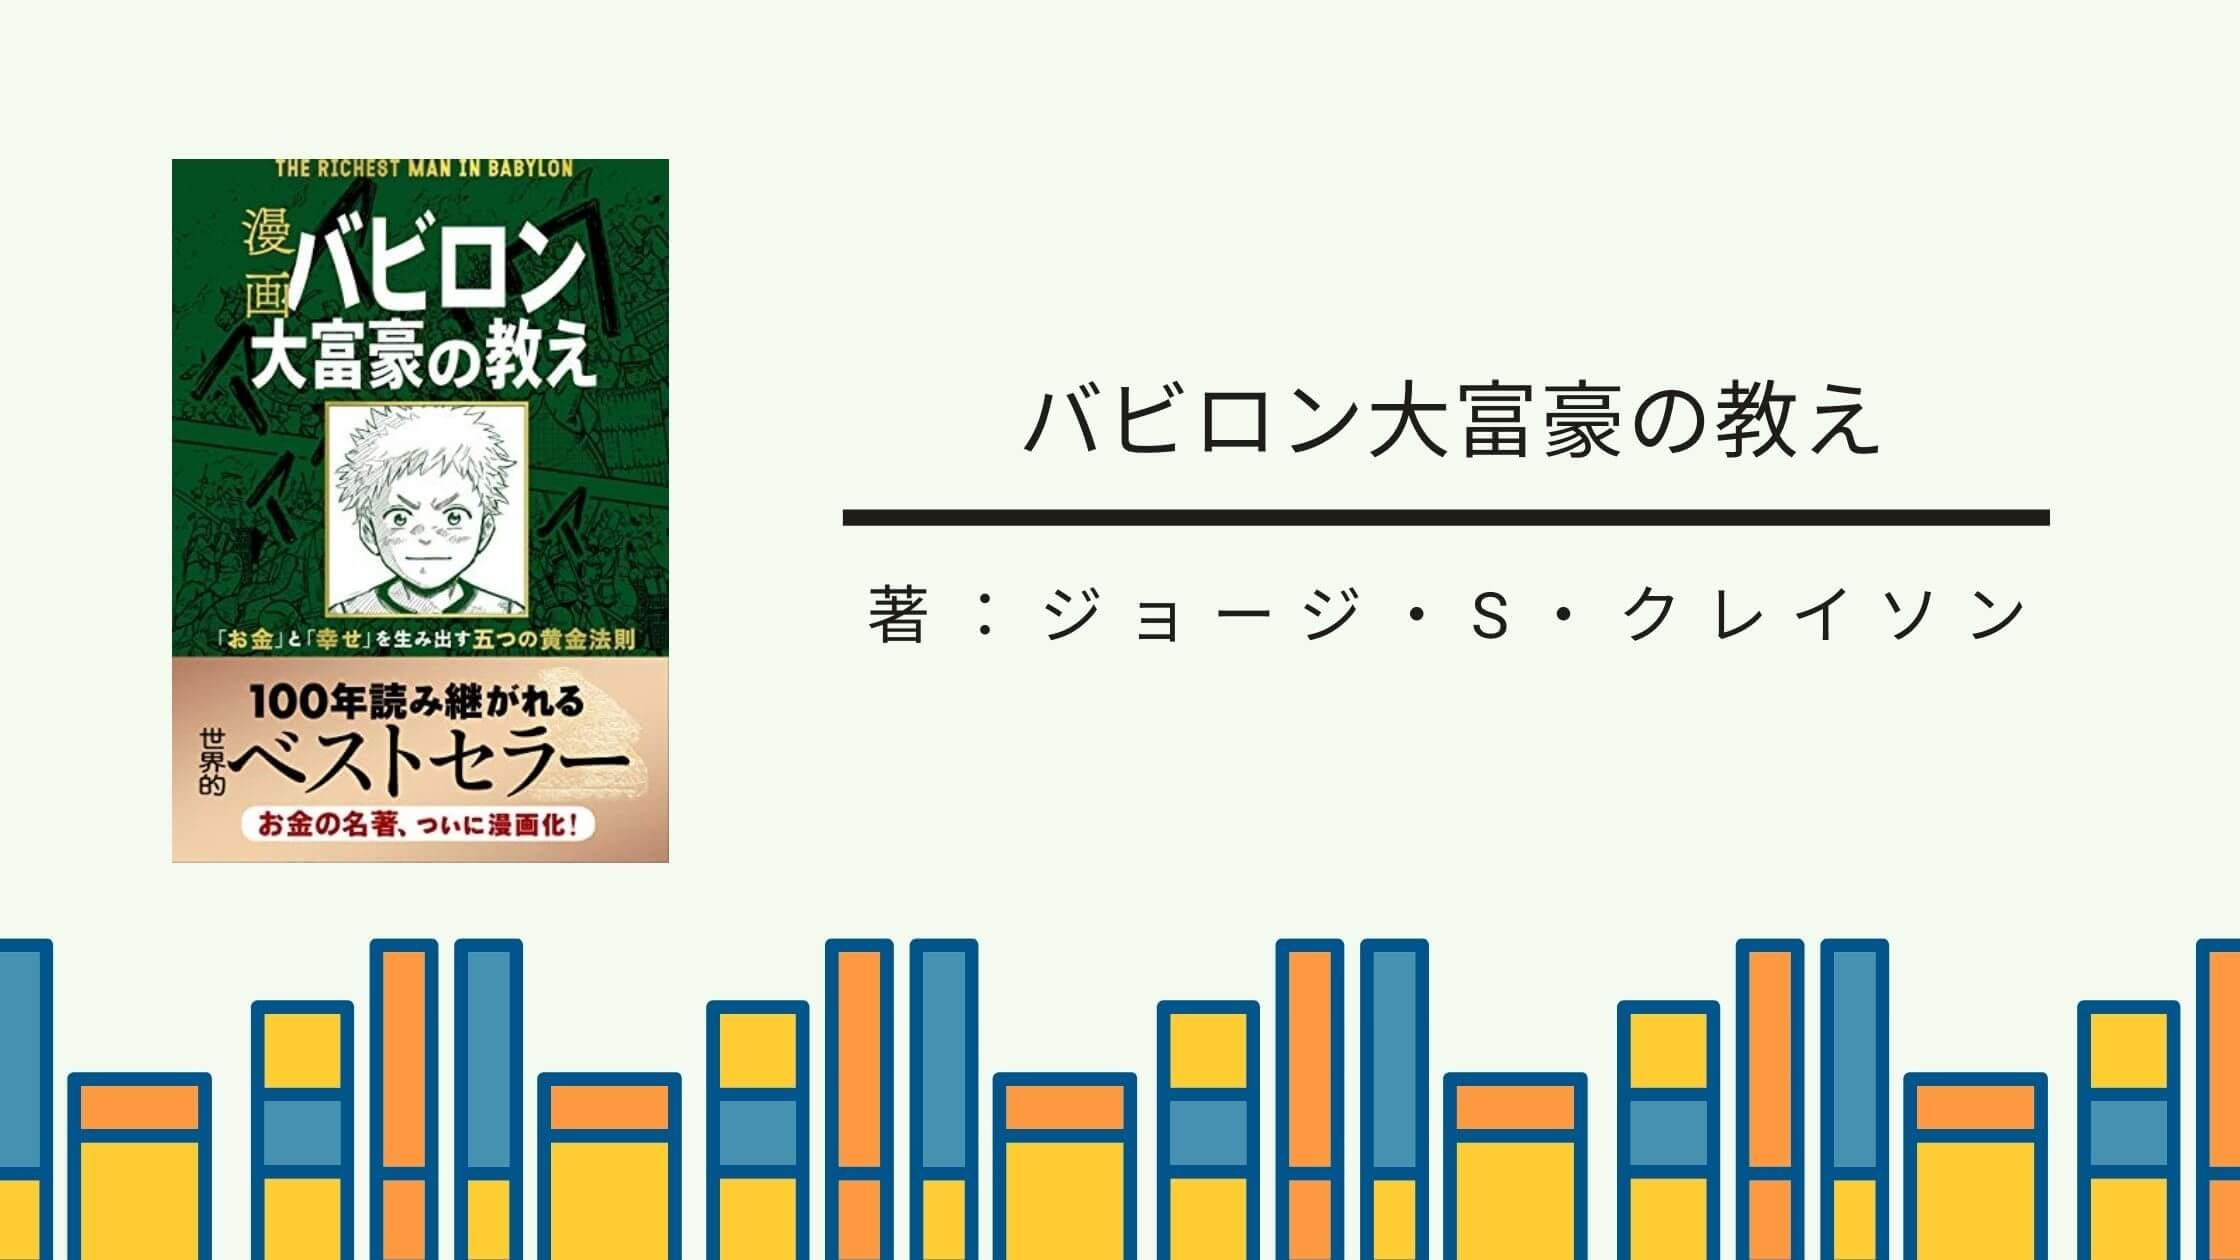 【書評:漫画バビロン大富豪の教え】見所と要約をご紹介!